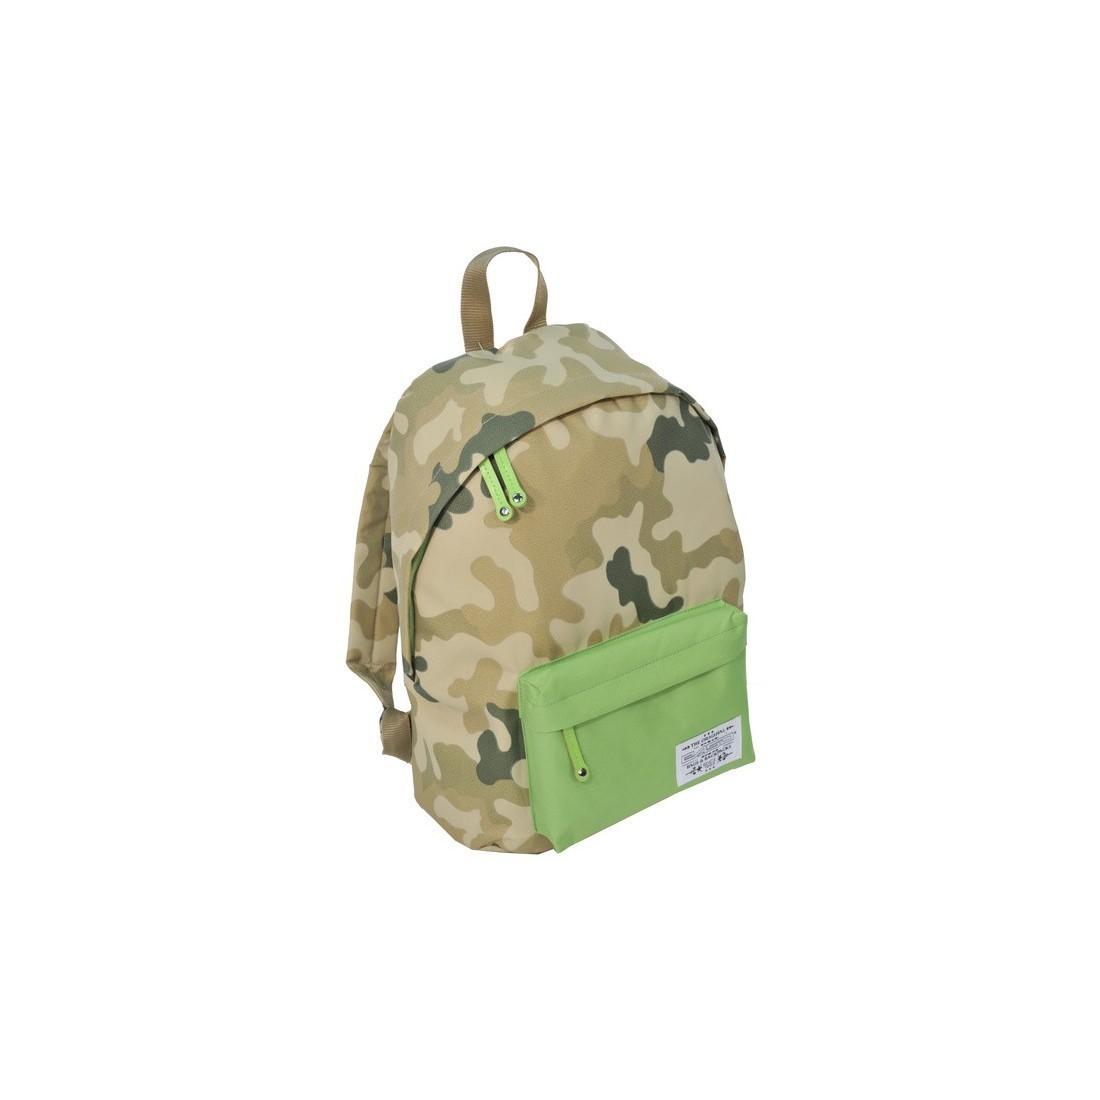 Plecak Młodzieżowy Moro Khaki Zielony